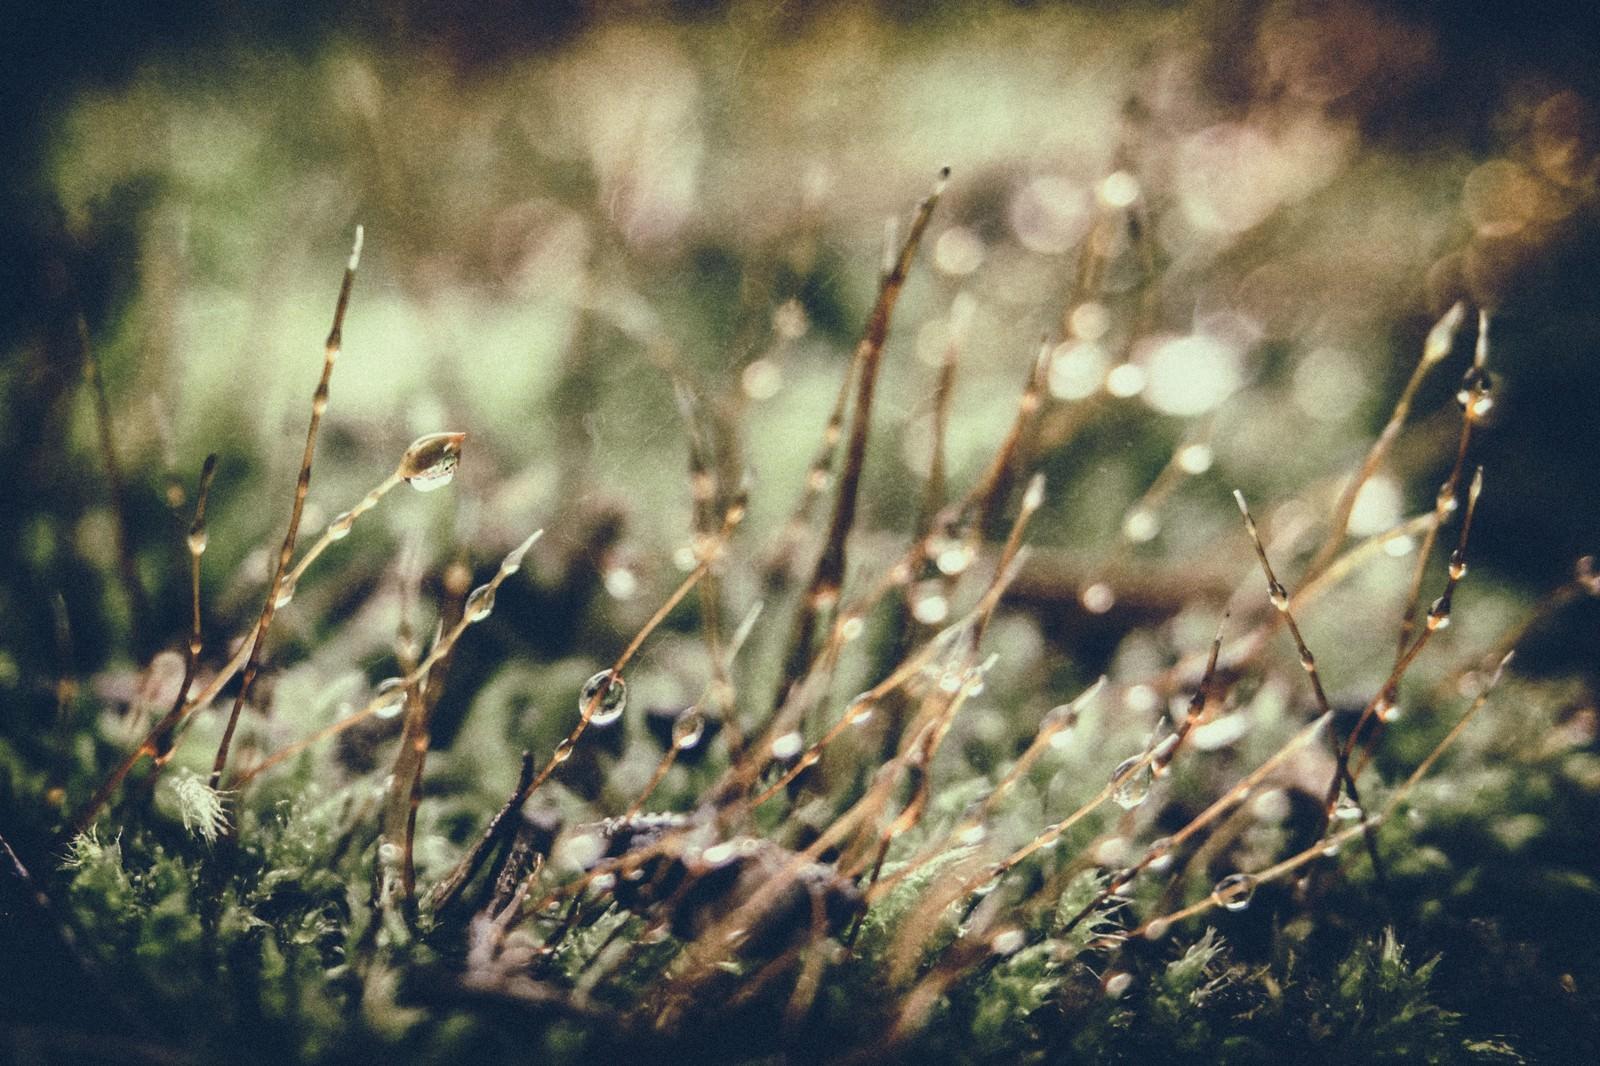 「水滴と植物水滴と植物」のフリー写真素材を拡大